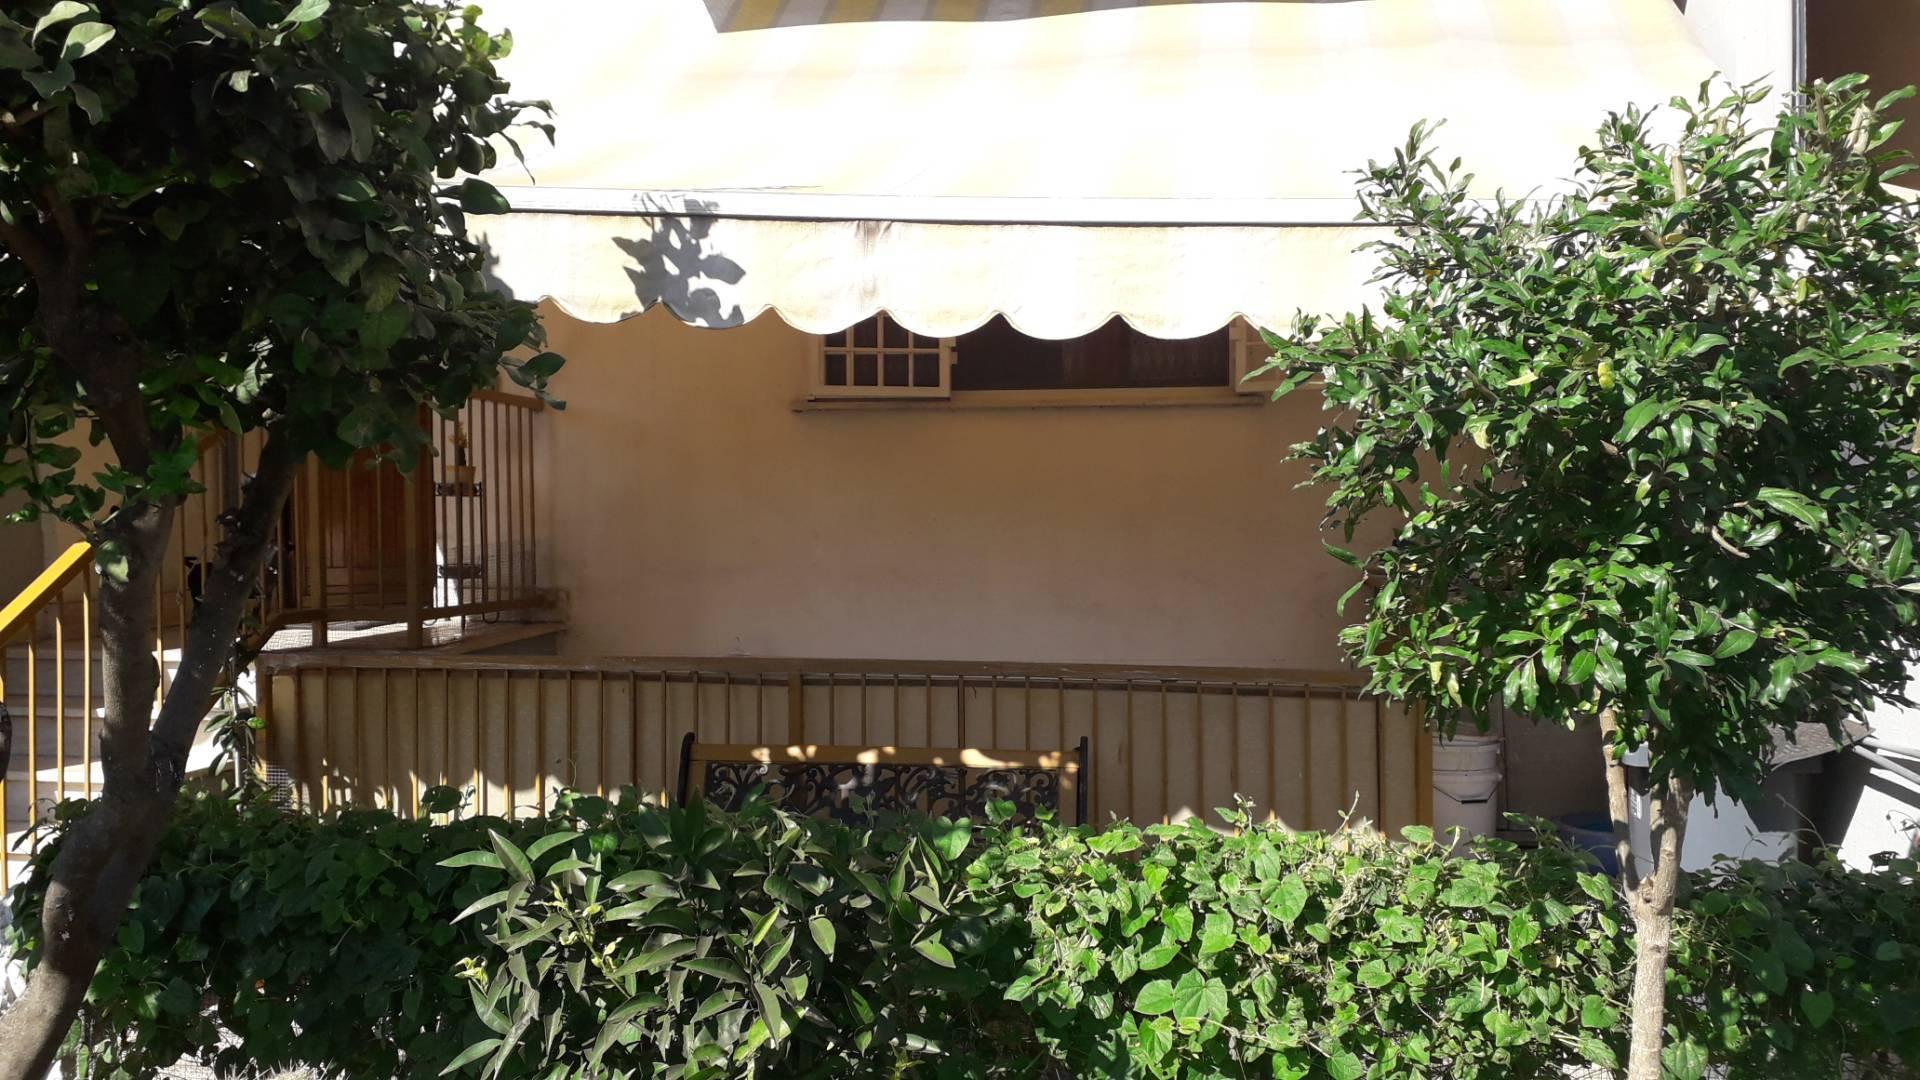 Appartamento in vendita a Nettuno, 6 locali, zona Località: seccia, prezzo € 109.000 | PortaleAgenzieImmobiliari.it